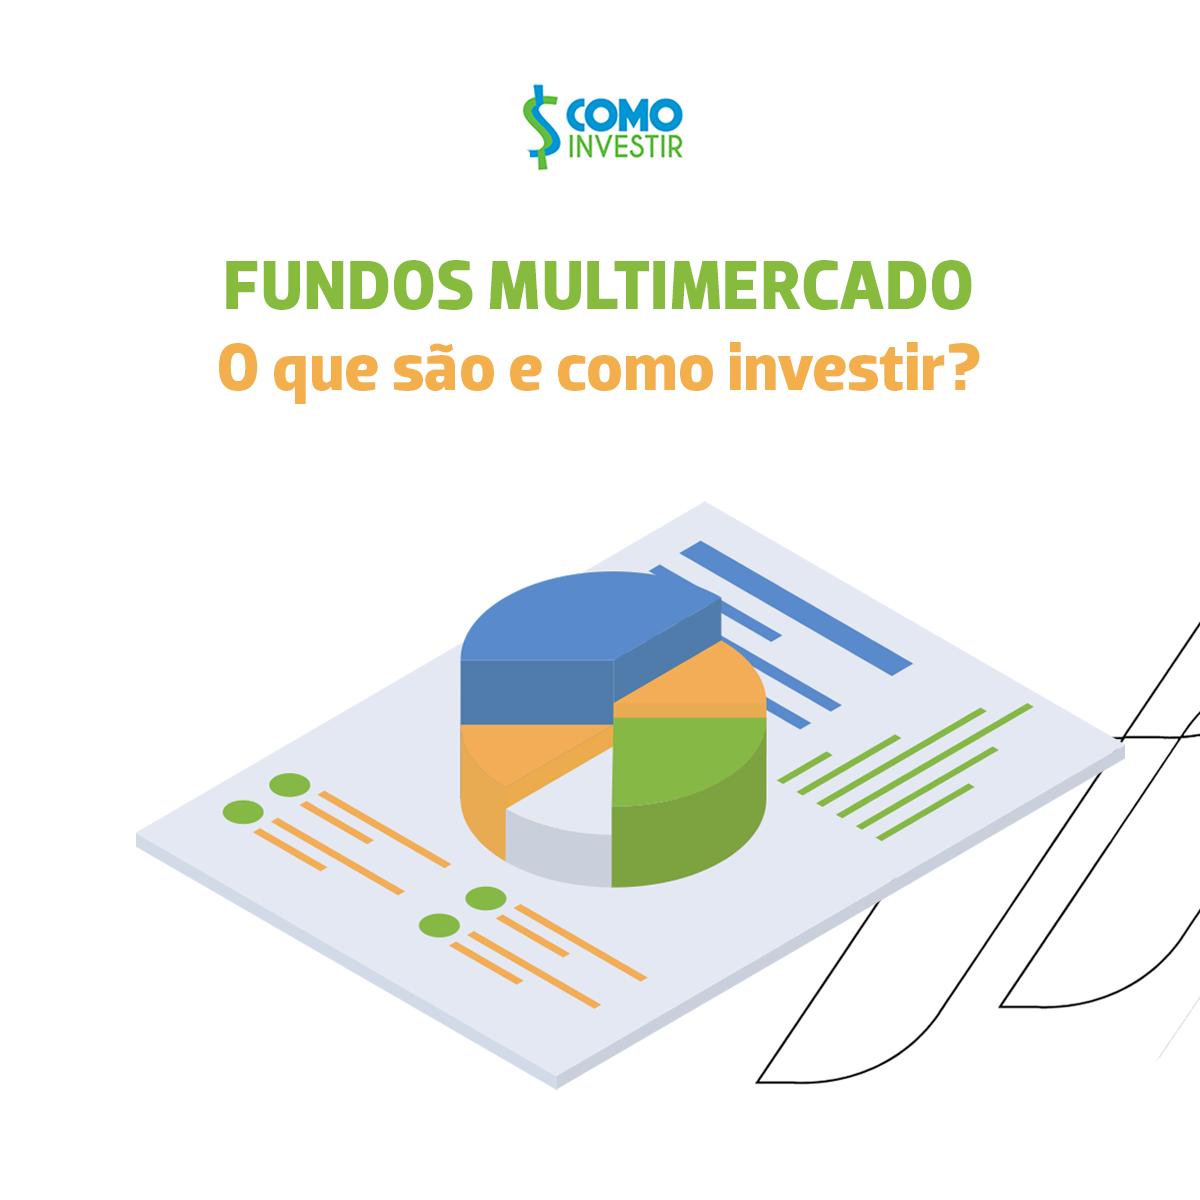 Fundos multimercado: o que são e como investir?